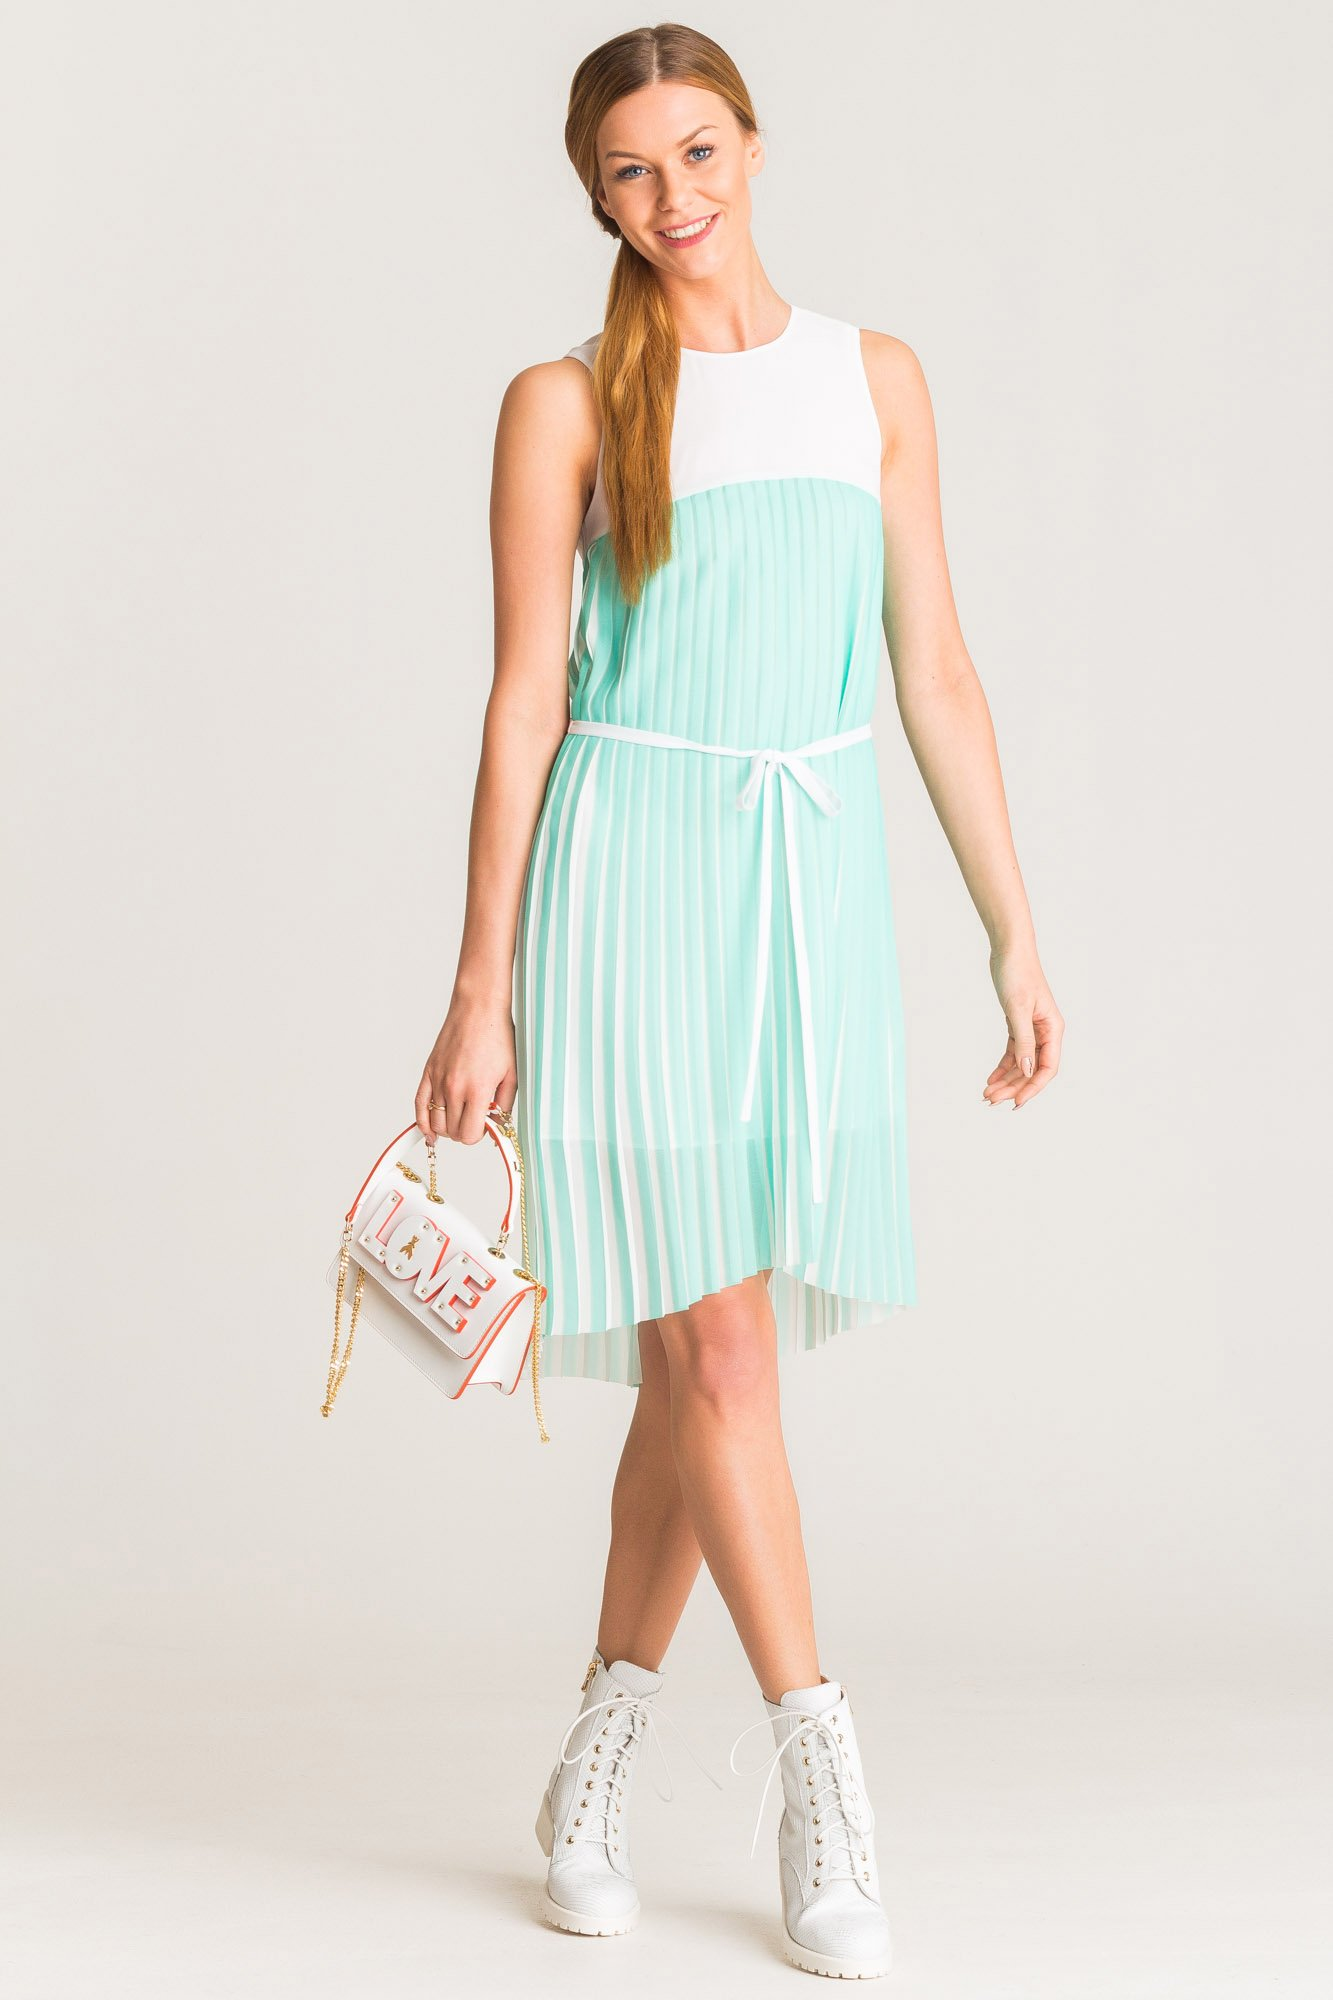 2d36b298e5 ... Asymetryczna biało-miętowa plisowana sukienka Armani Exchange ...